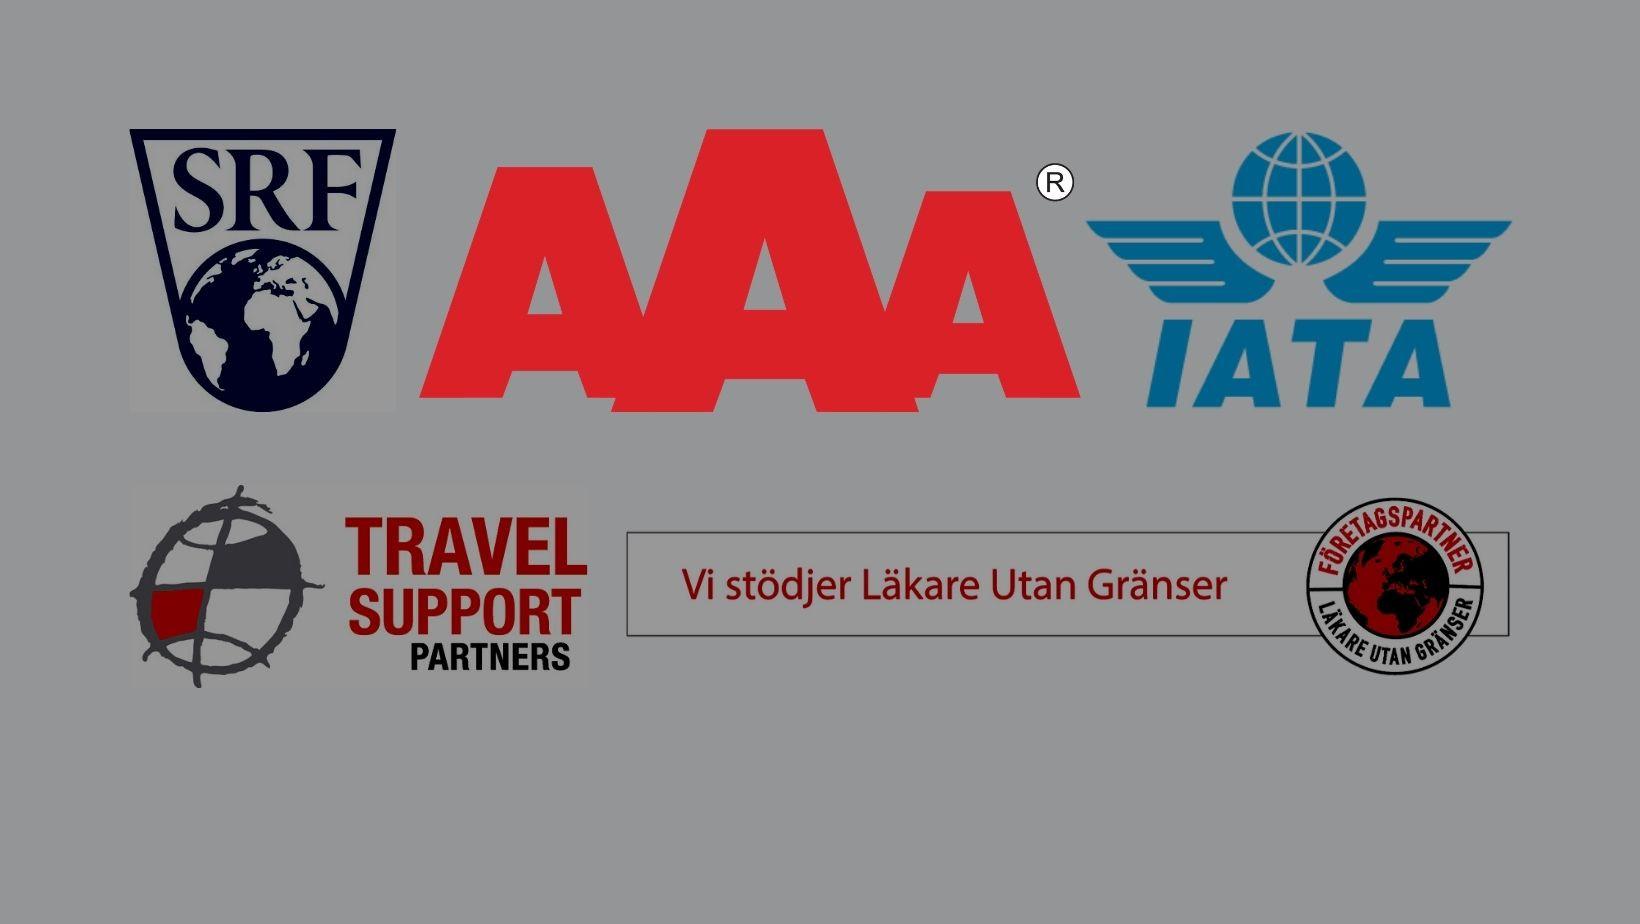 Style är medlemmar i SRF - Svenska Resebyråföreningen, har högsta kreditvärdighet (trippel A), är IATA-certifierade, medlemmar i Travel Suppert samt stödjer Läkare utan gränser